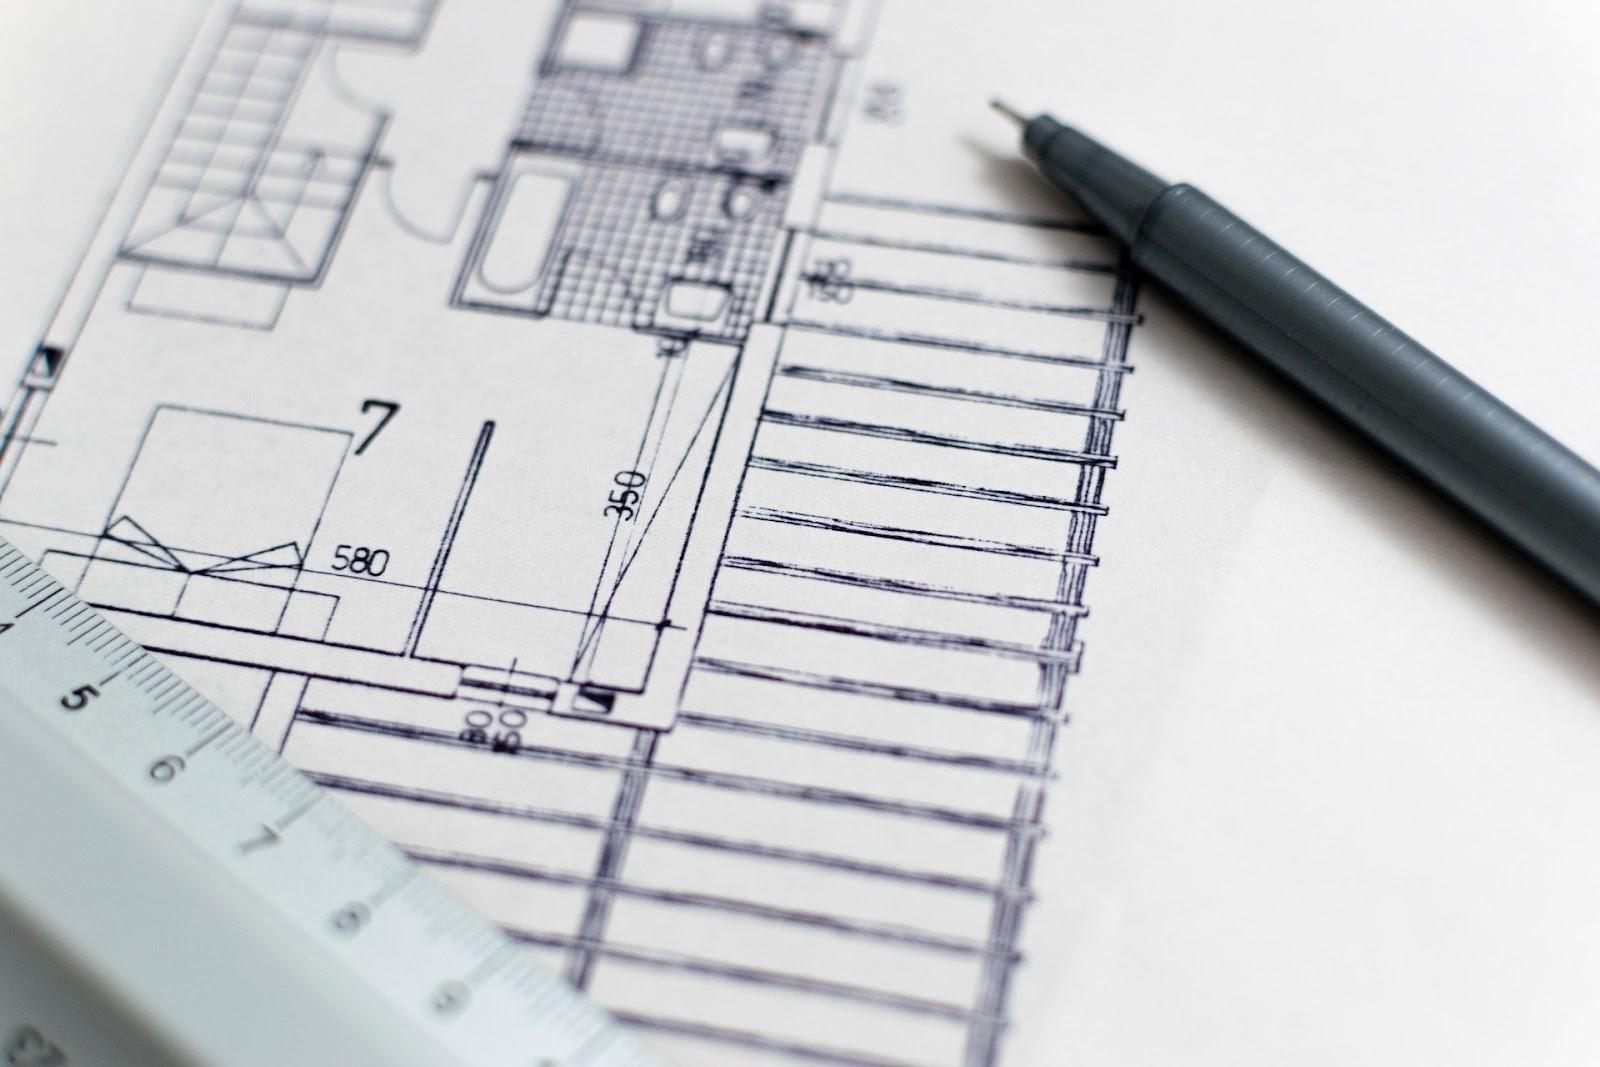 Emitido pelo Corpo de Bombeiros, o laudo CLCB é fundamental para garantir o pleno funcionamento de qualquer edificação ou área de risco.